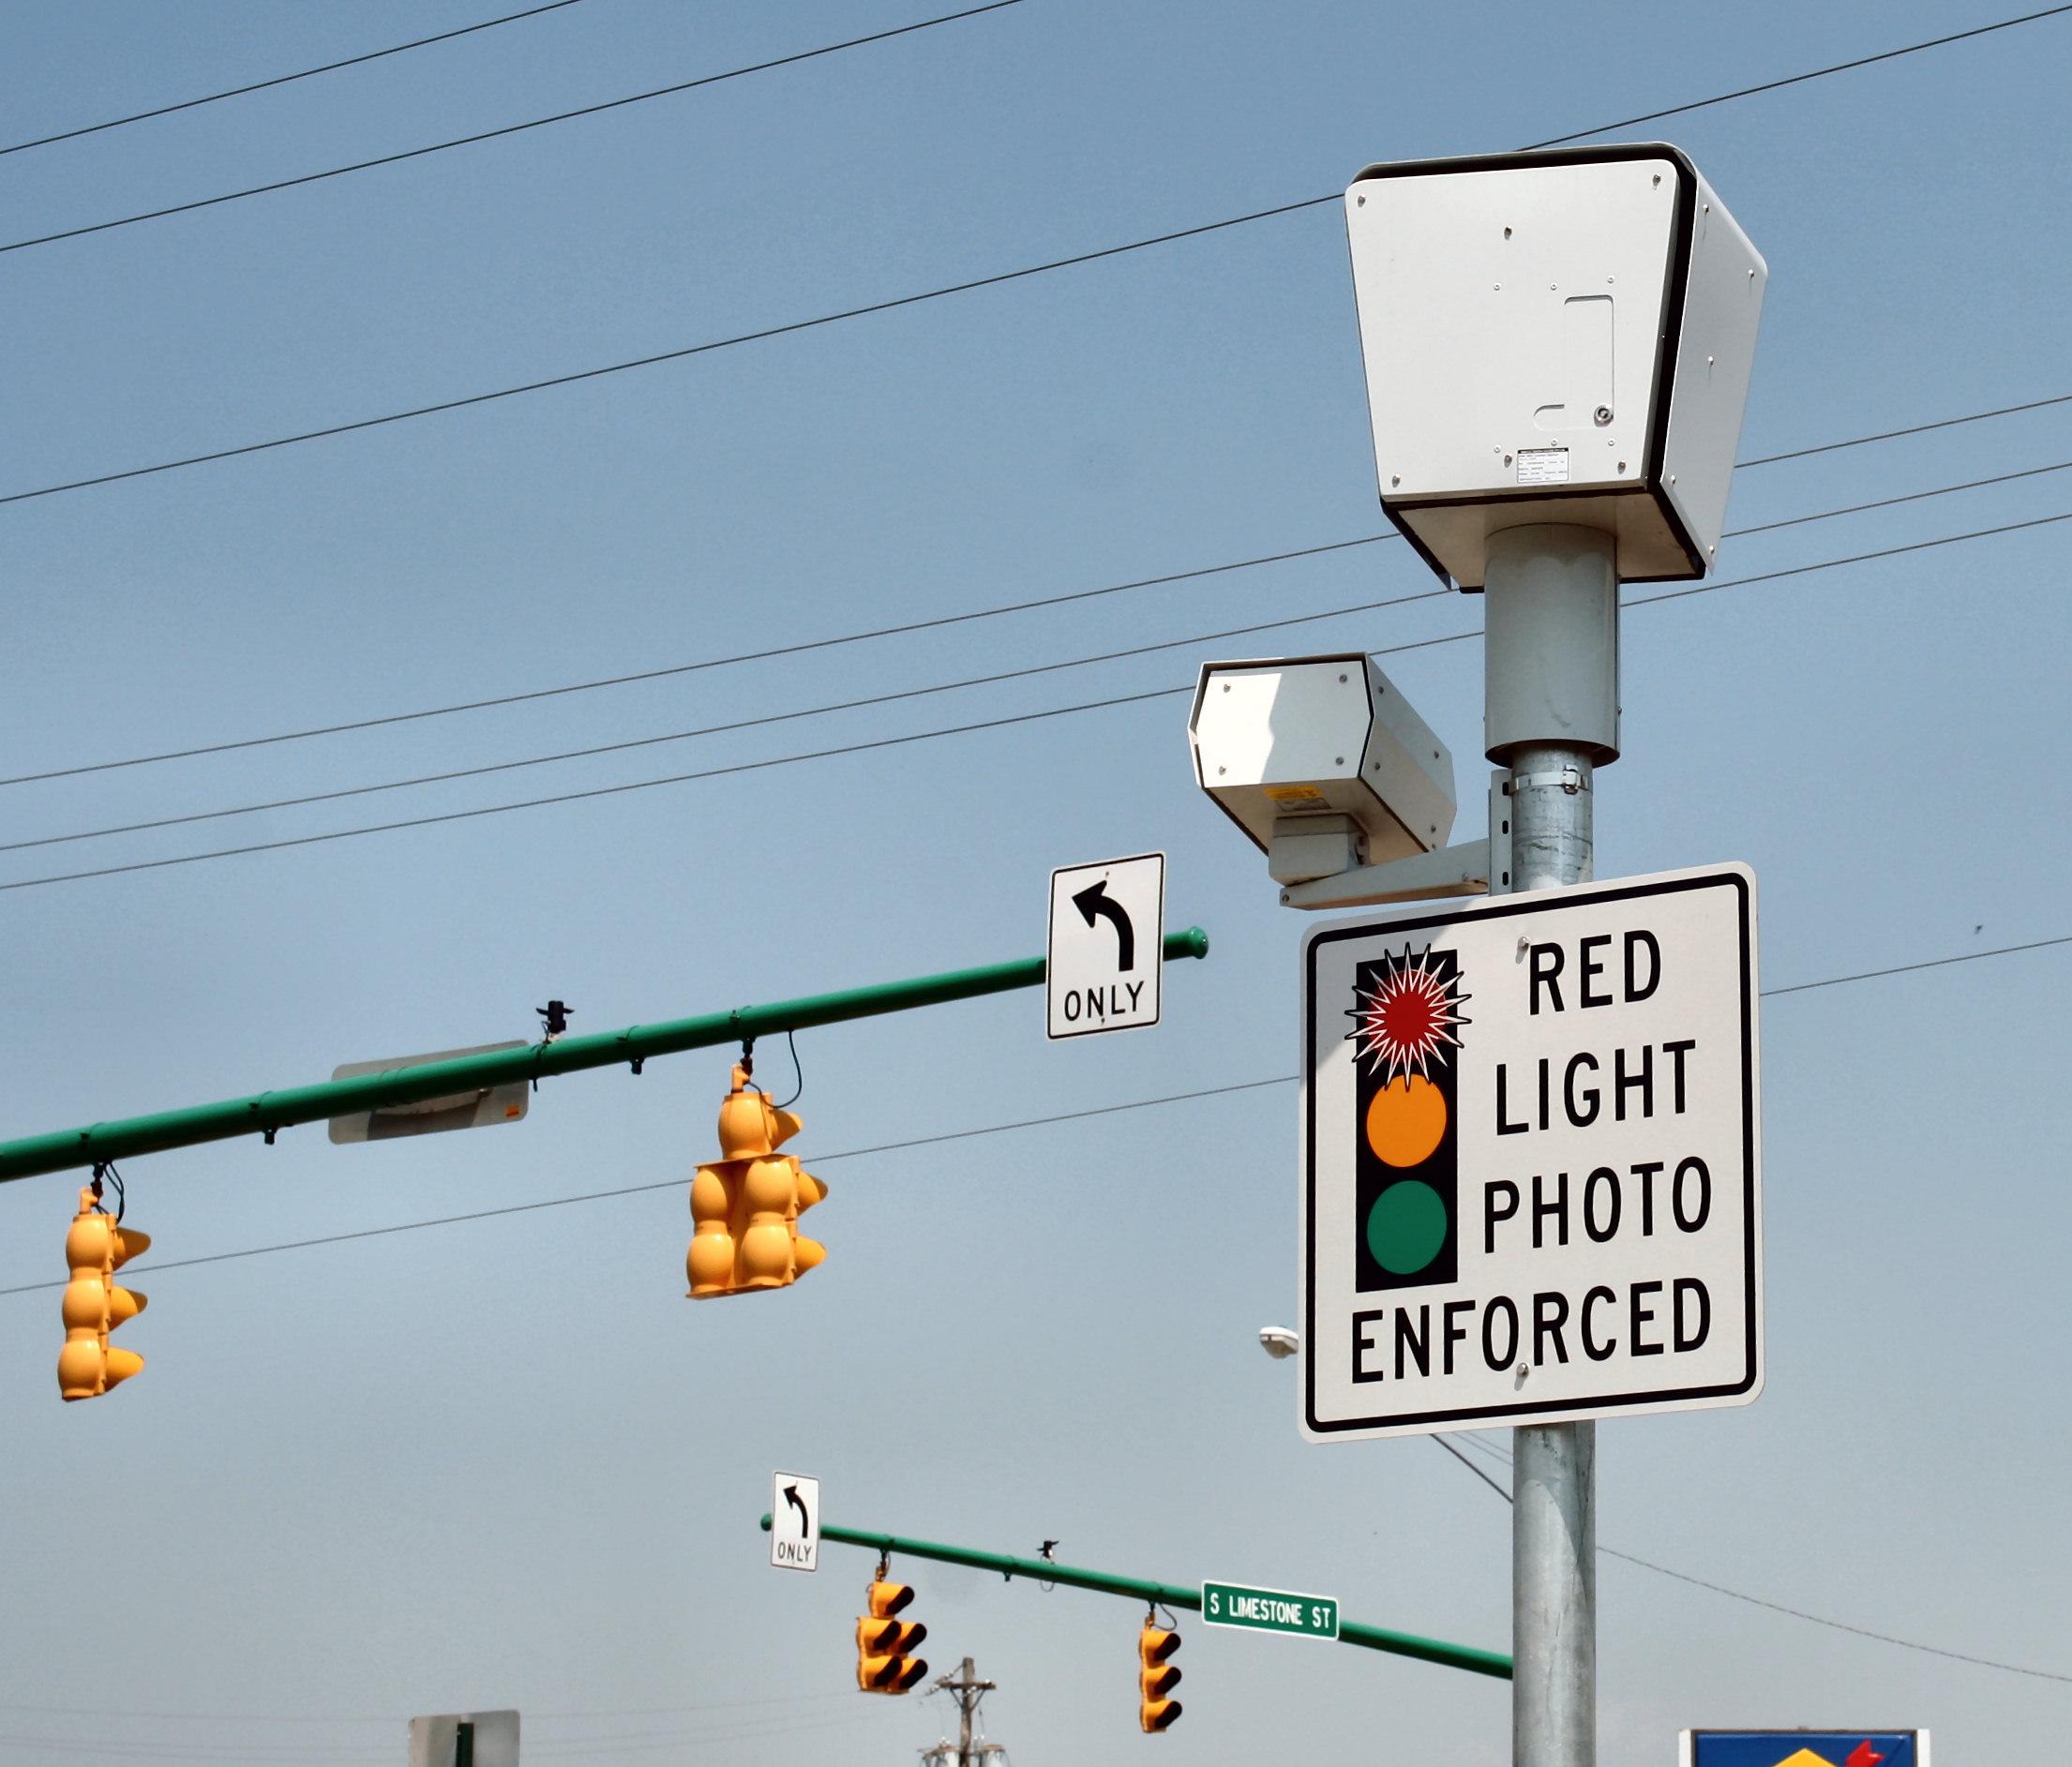 FileRedlightcameraspringfieldohiojpg  Wikimedia Commons